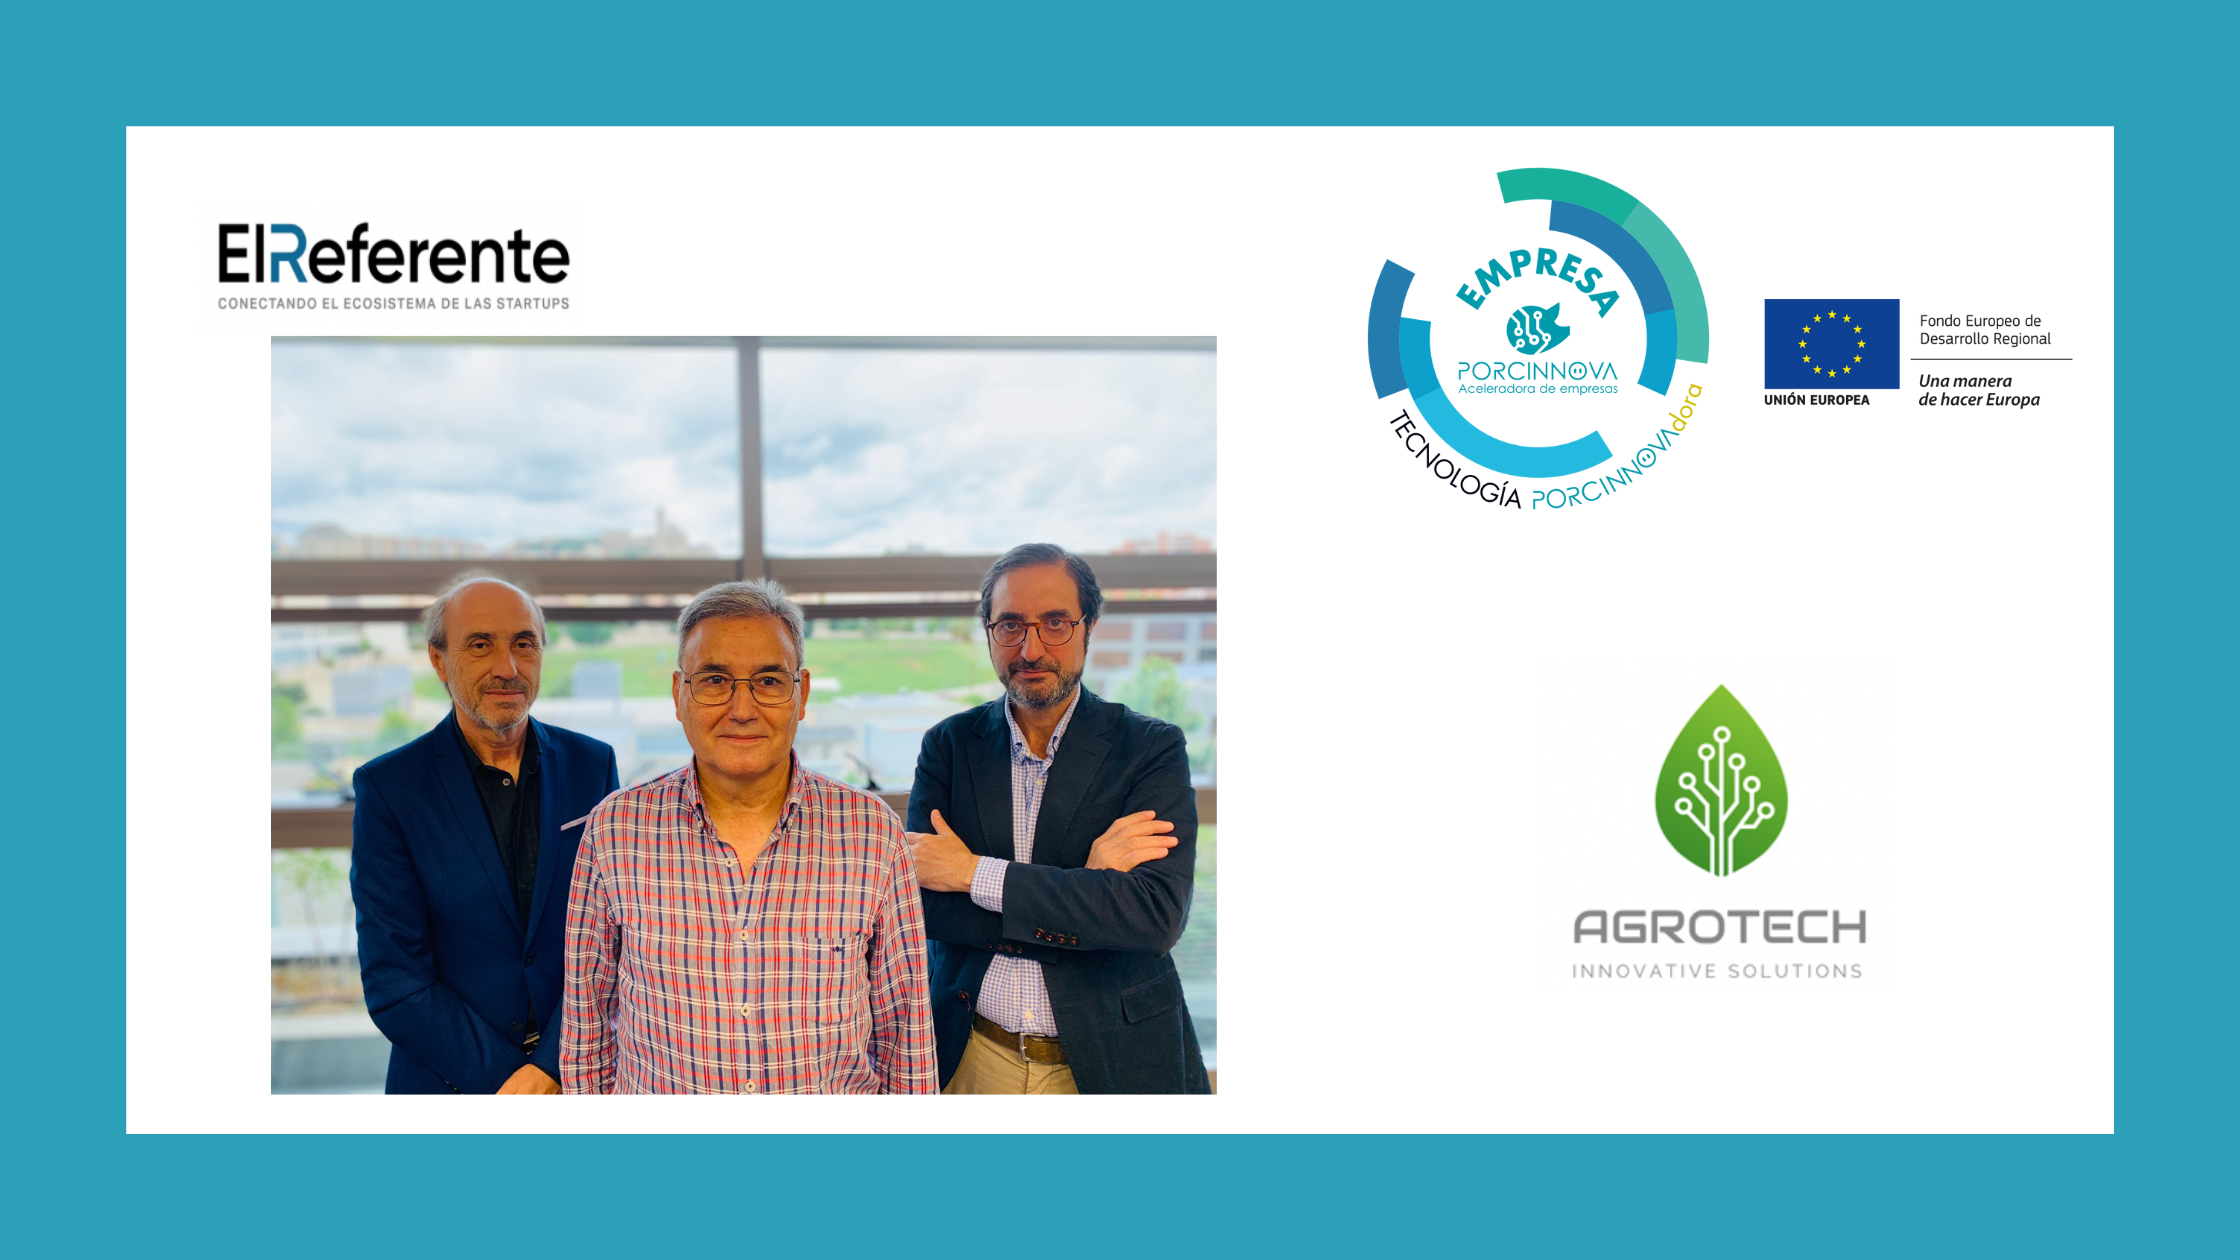 La empresa PORCINNOVAdora Agrotech en El Referente